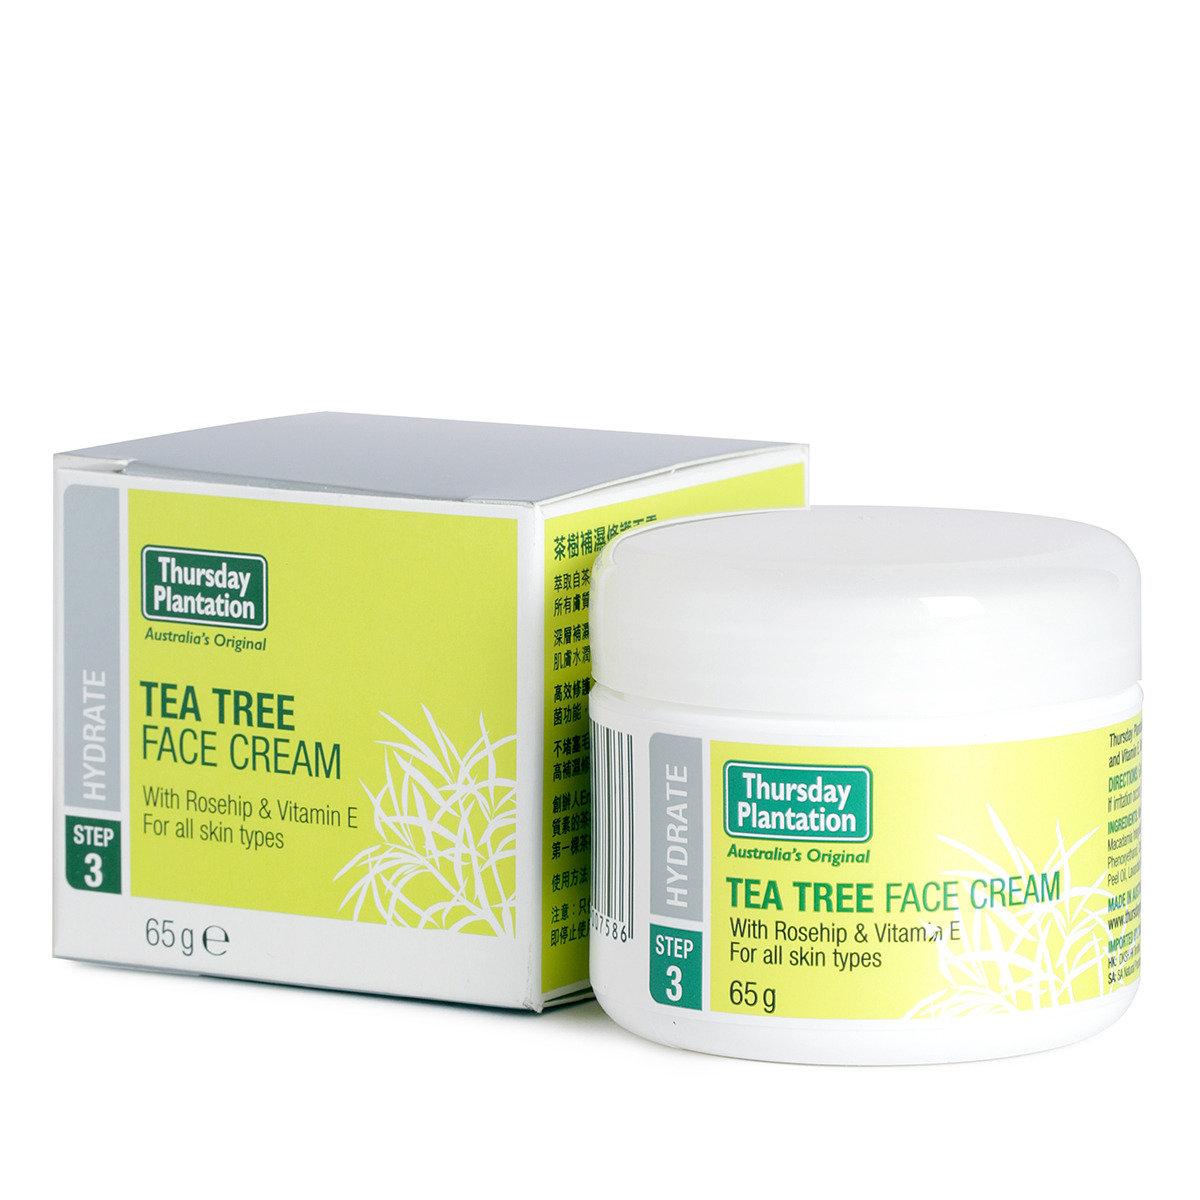 茶樹補濕修護面霜